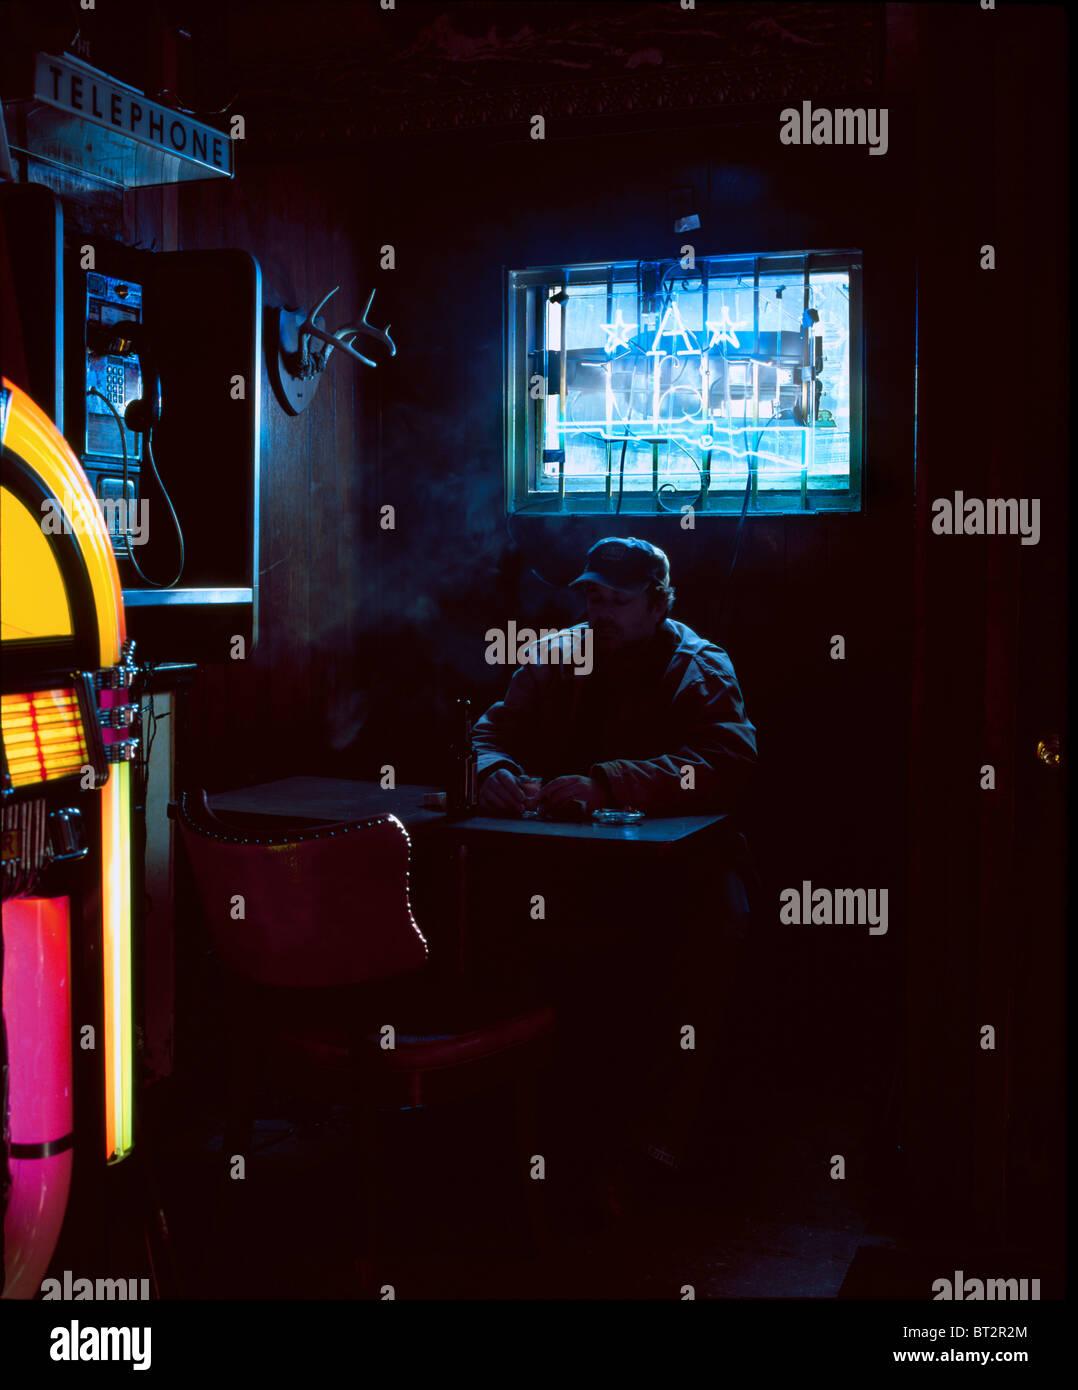 L'homme, l'intérieur du bar, allumé la lumière du jour et des néons, Banque D'Images